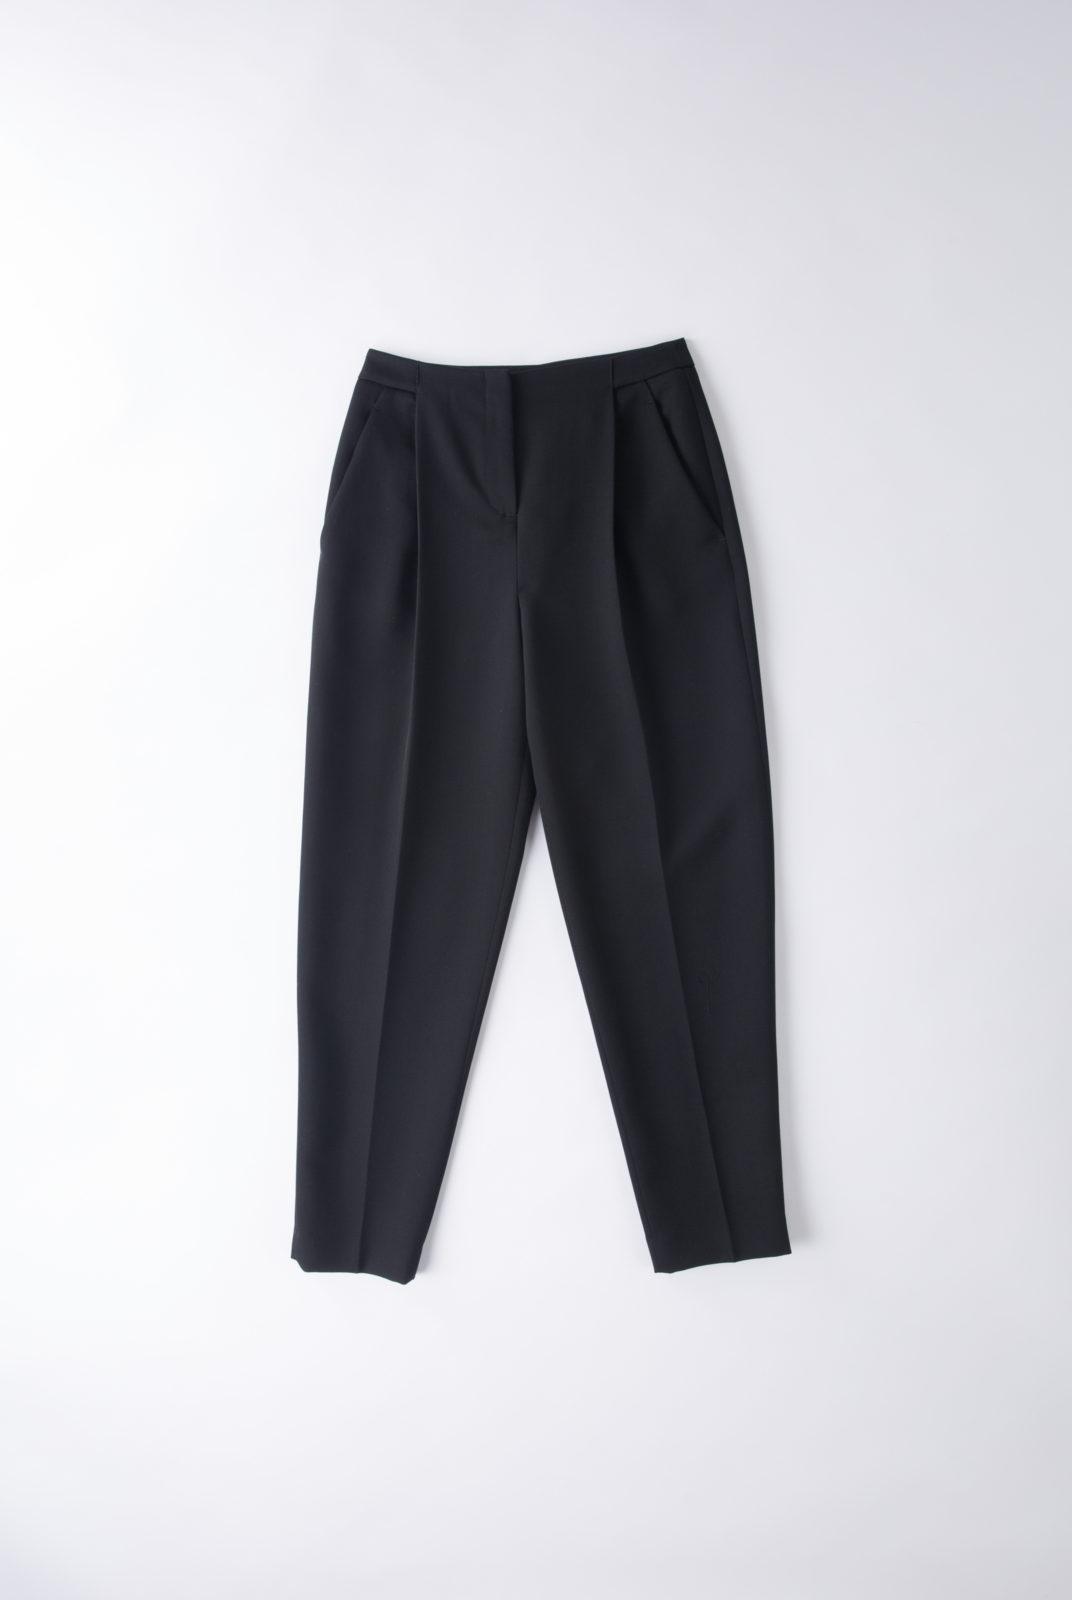 Pantalon noir, en laine vierge, coupe droite, costume, jil sander navy